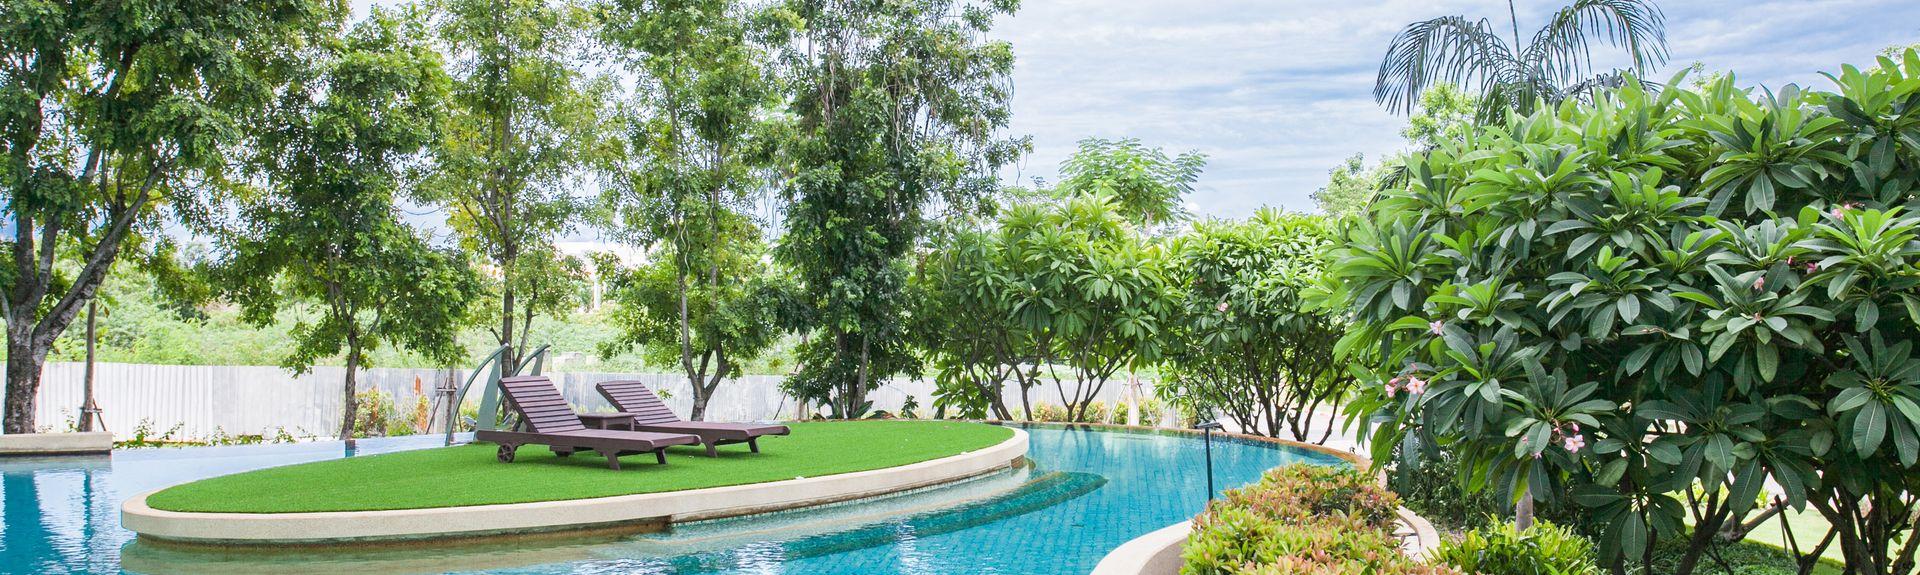 Phetchaburi Province, Thailand